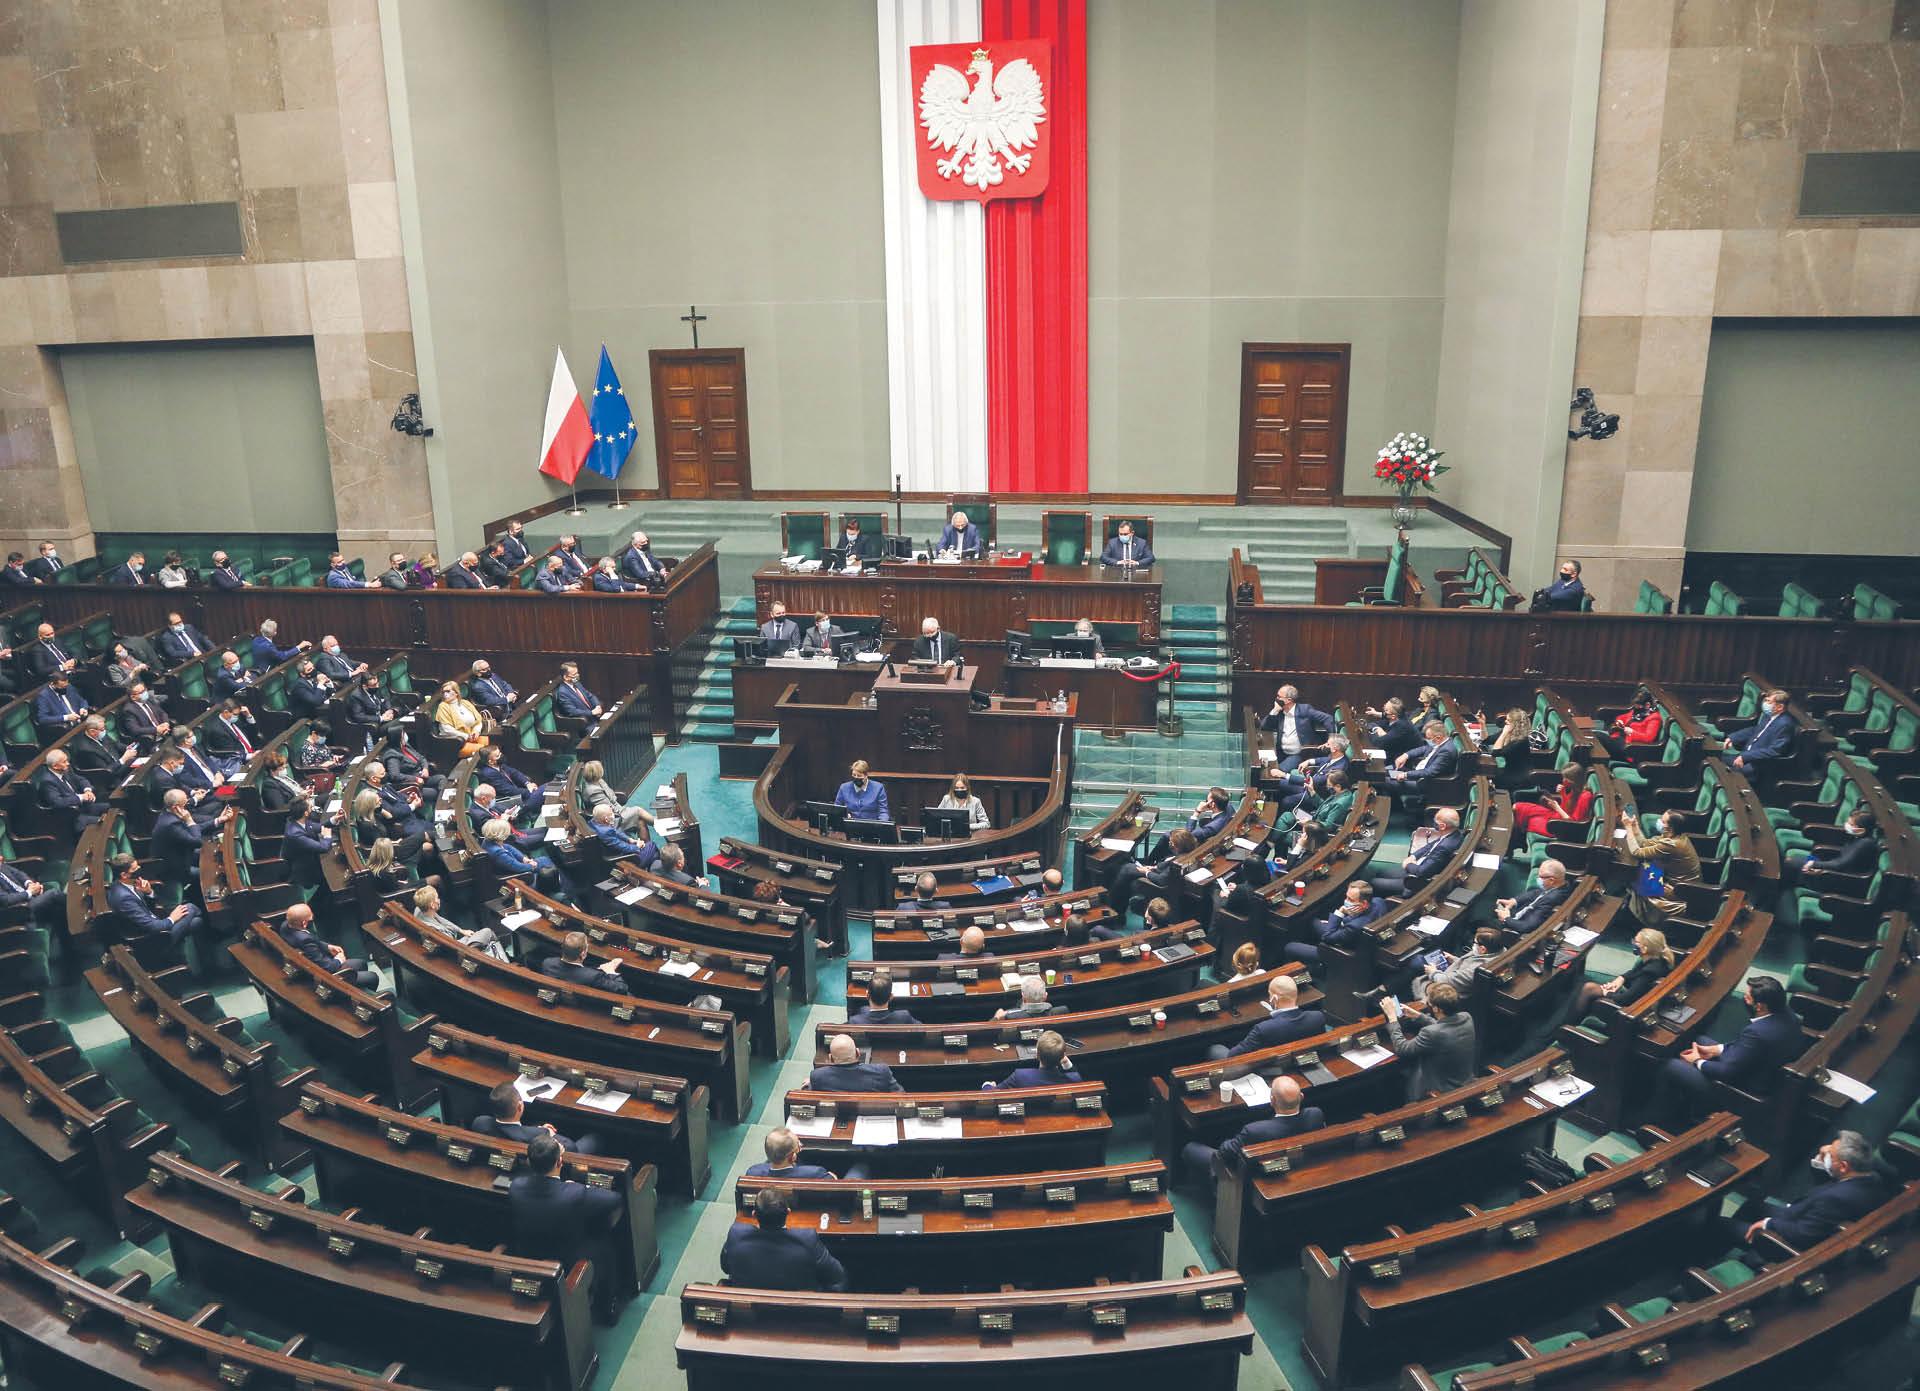 Mieszkania bez wkładu własnego. Sejm przyjął ustawę